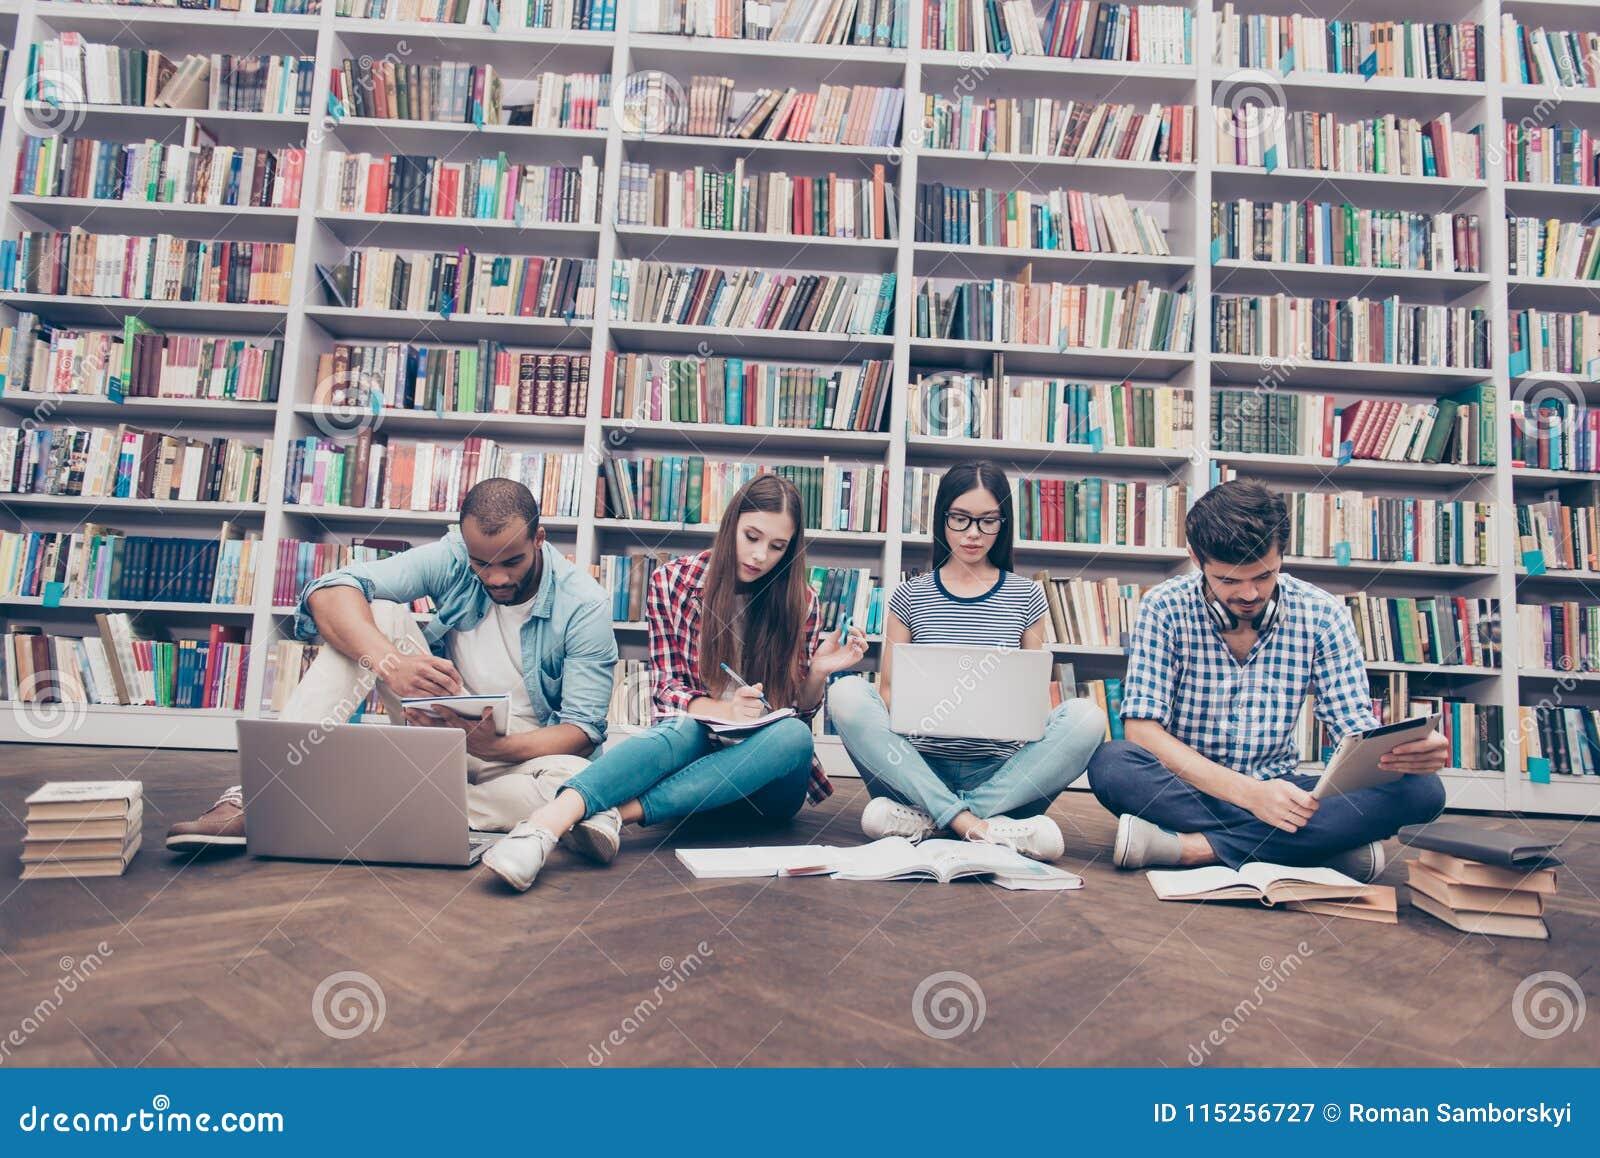 Lage die hoek van vier internationale slimme boekenwurmenstudenten i wordt geschoten